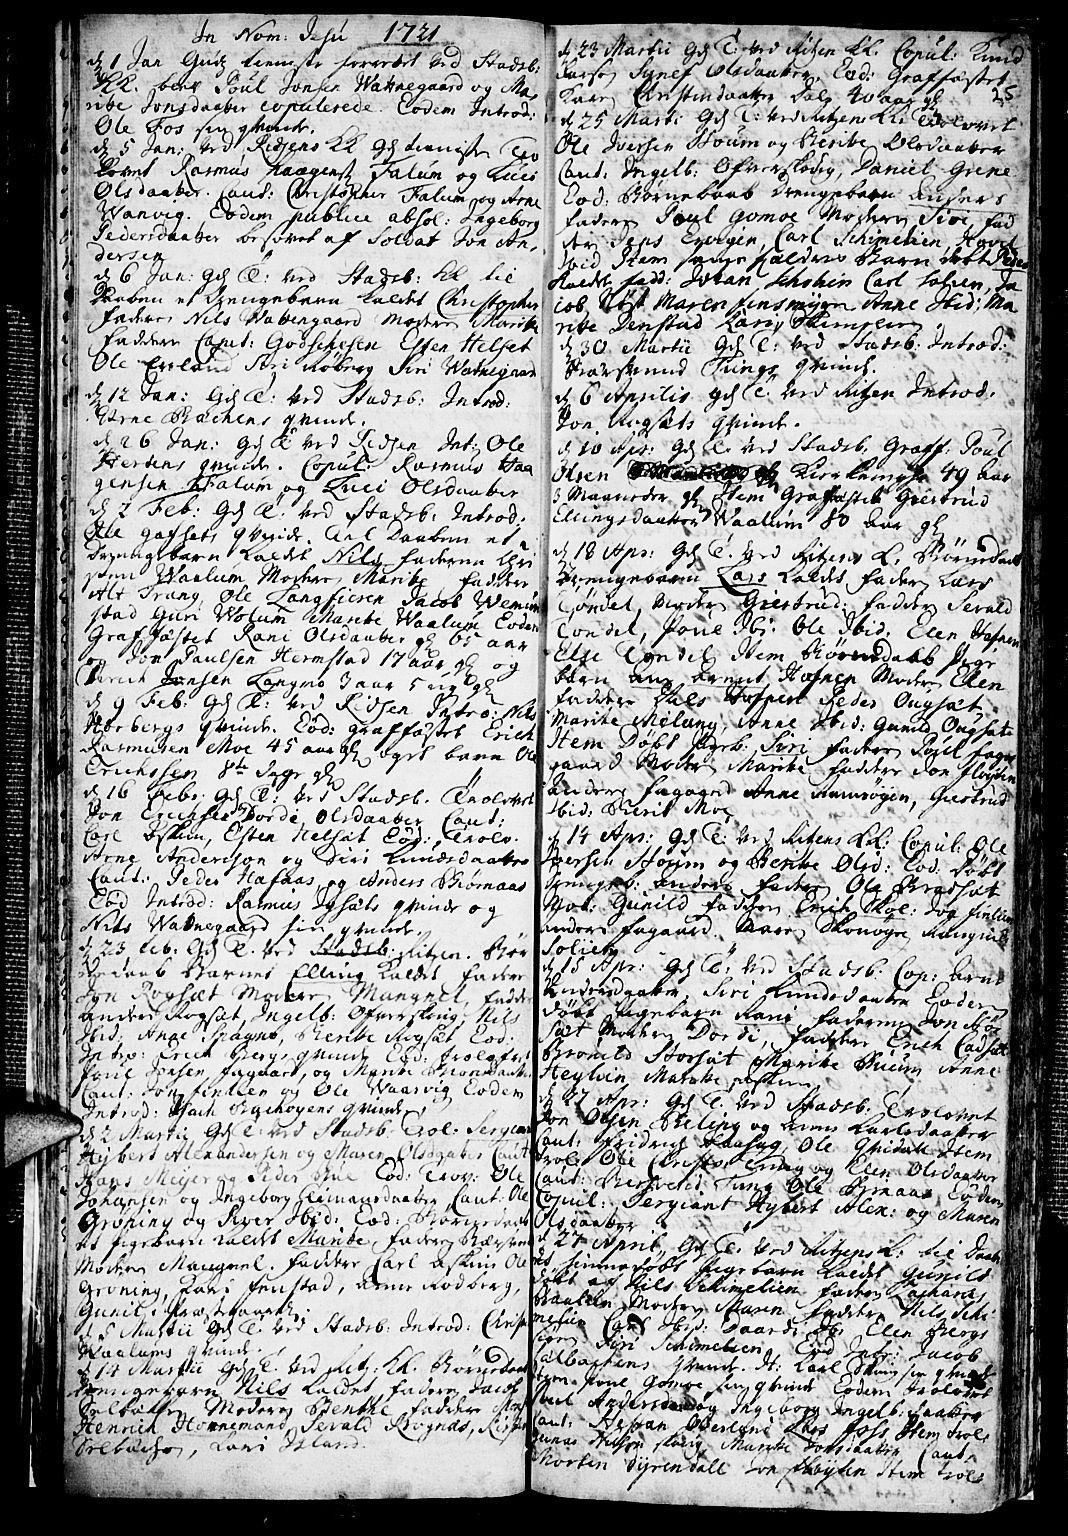 SAT, Ministerialprotokoller, klokkerbøker og fødselsregistre - Sør-Trøndelag, 646/L0603: Ministerialbok nr. 646A01, 1700-1734, s. 25